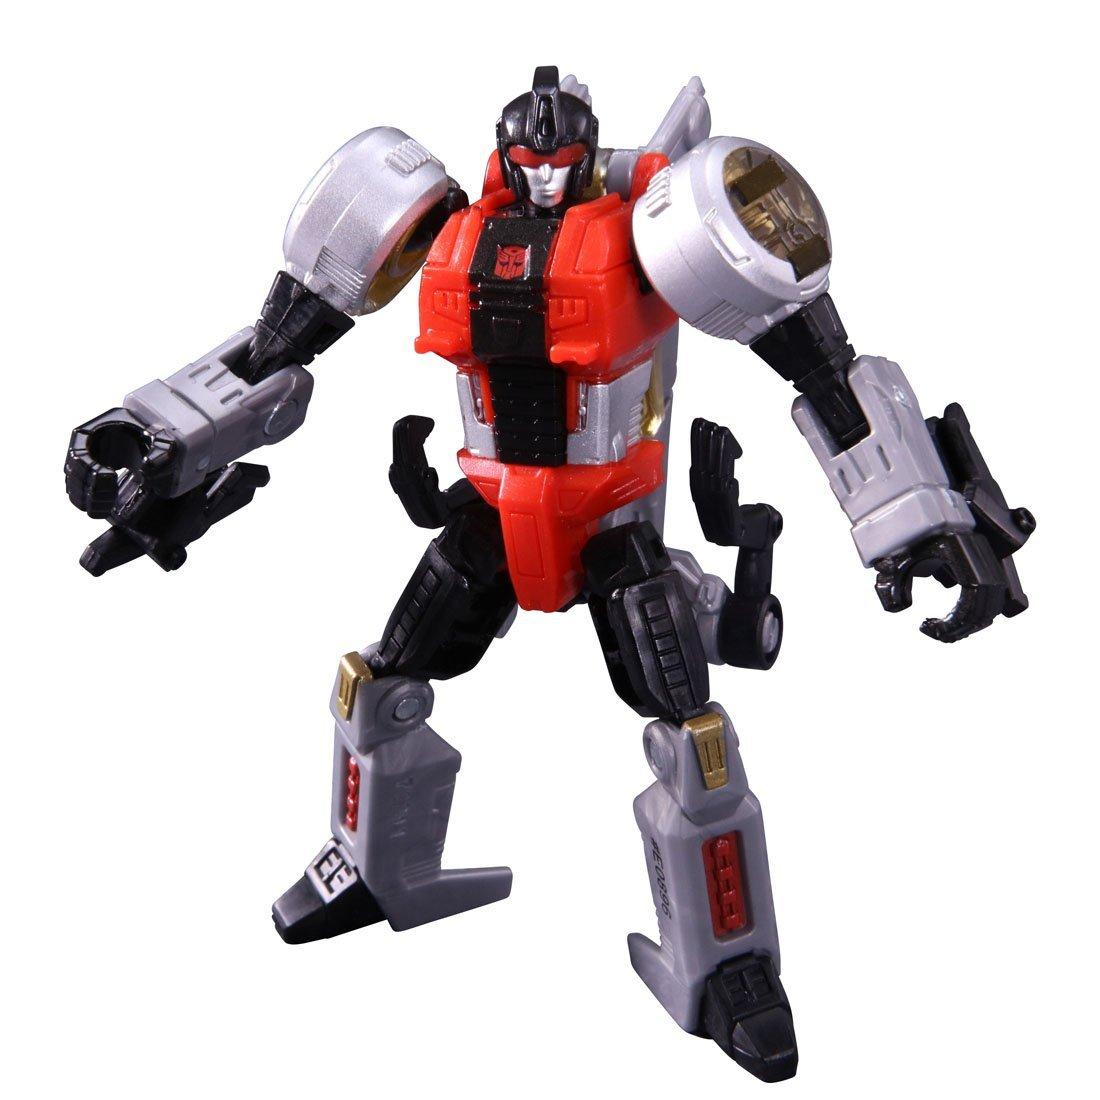 トランスフォーマー パワーオブザプライム PP-04 ダイノボットスラッシュ